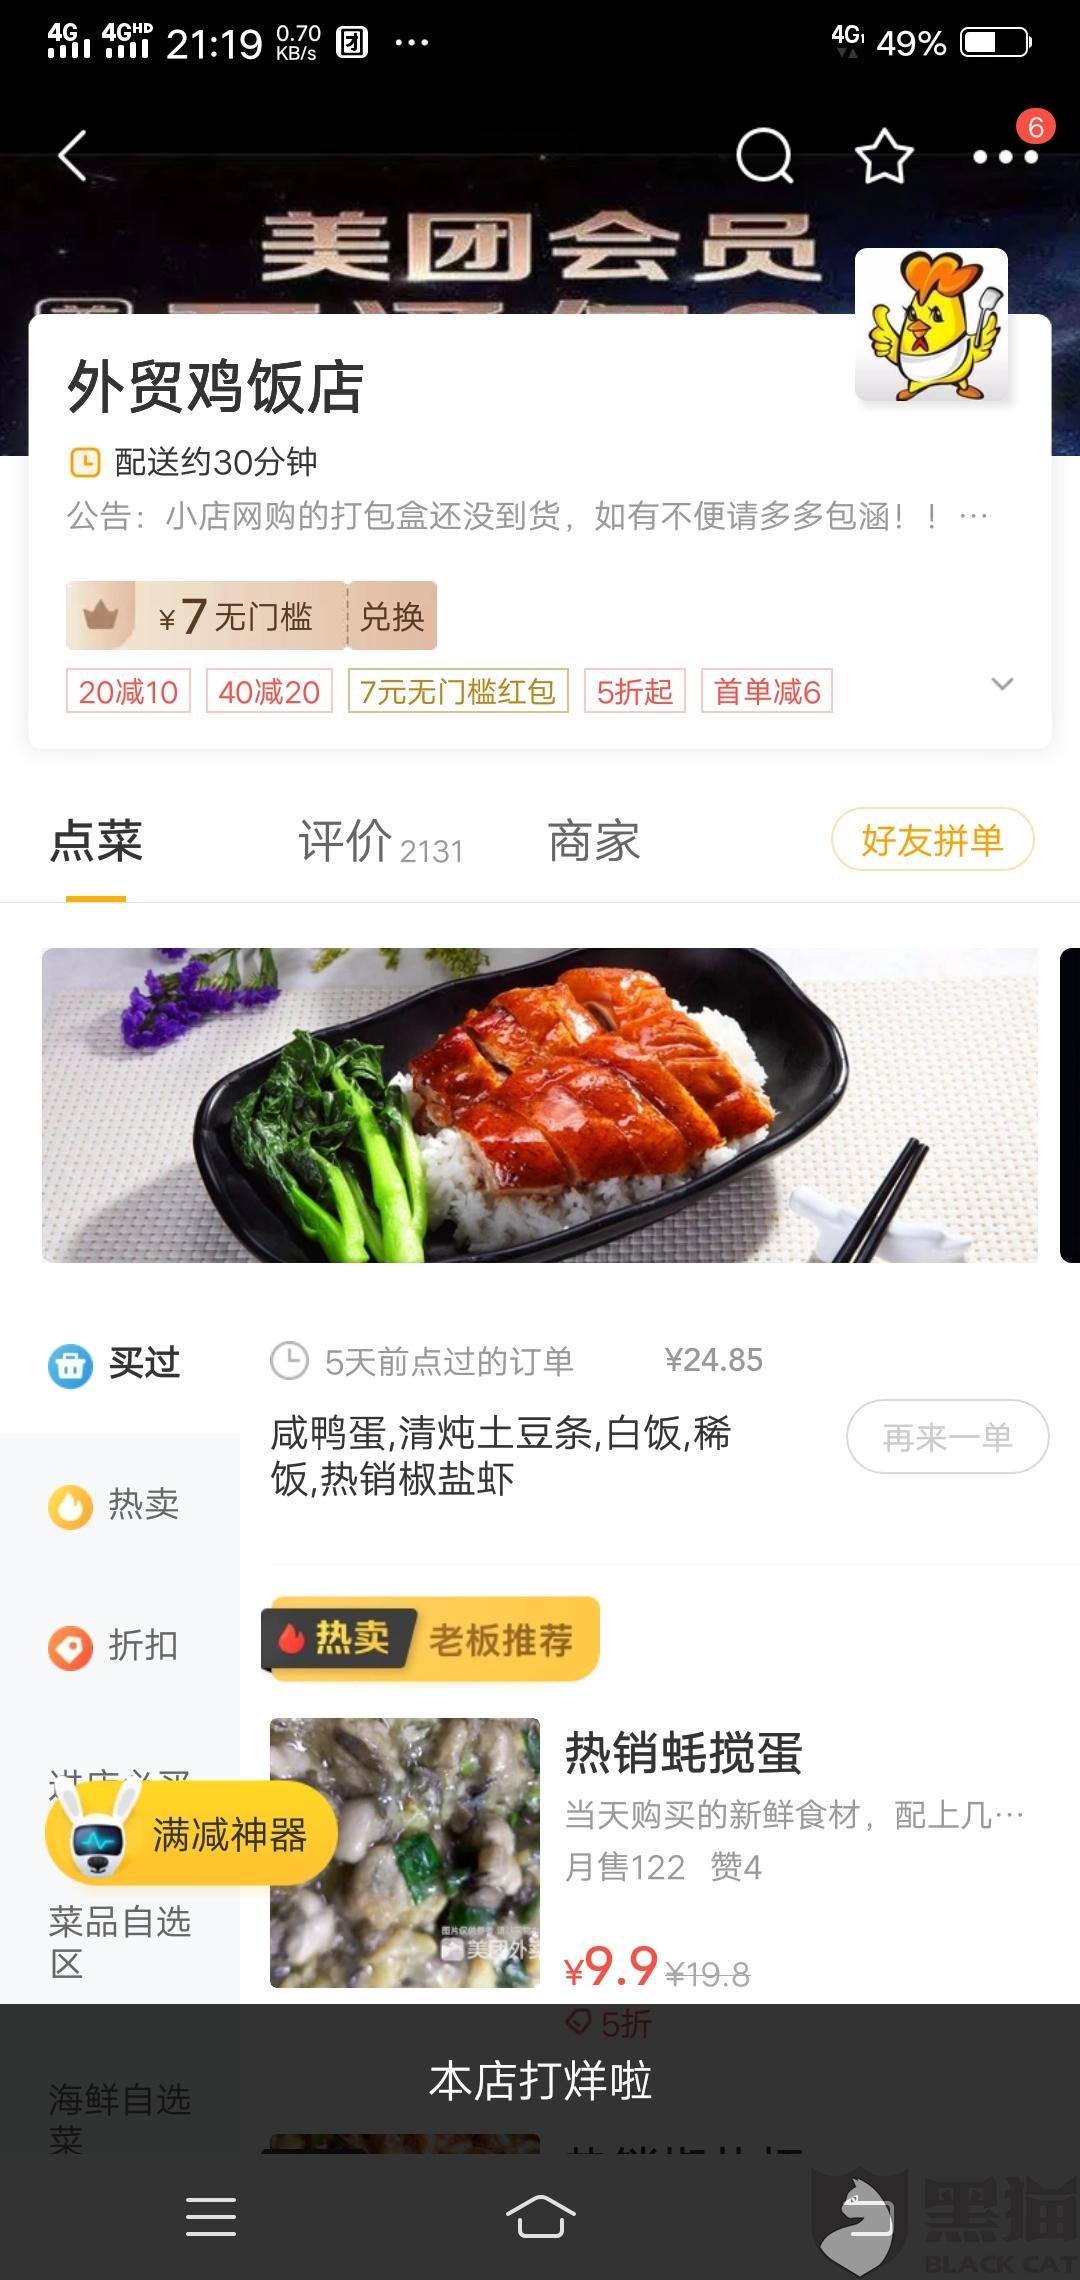 黑猫投诉:徐闻县美团乱象诱导价格虚高价格